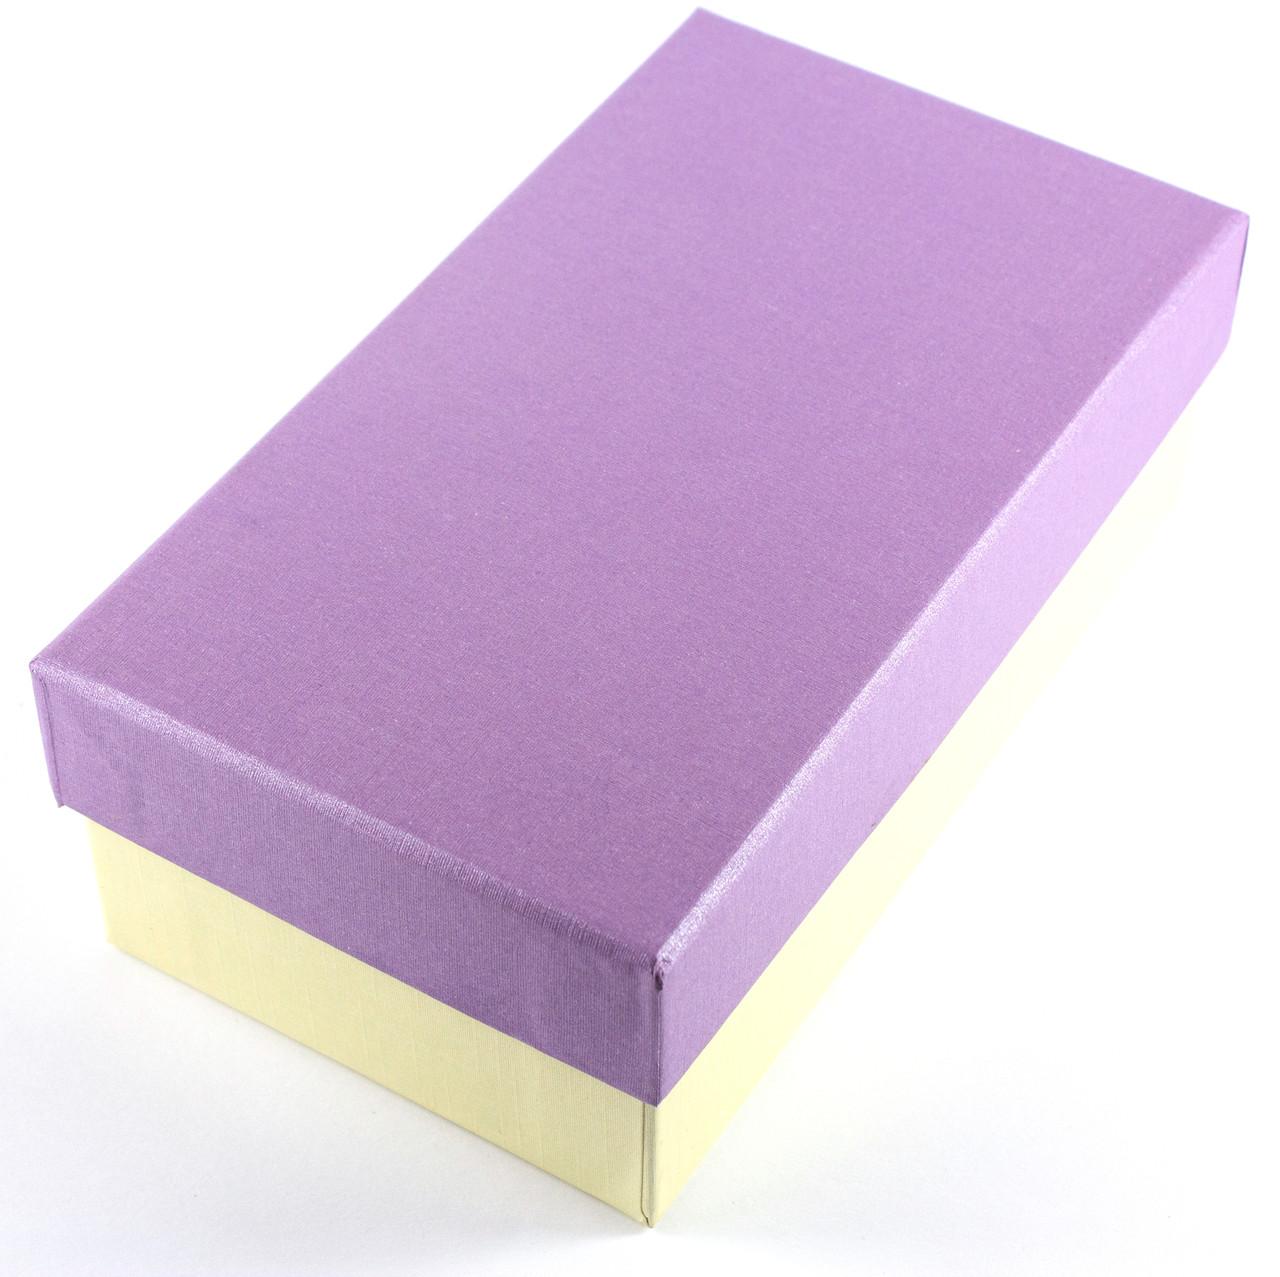 Подарочная коробка прямоугольная 15.5 x 9 x 6 см сиреневая